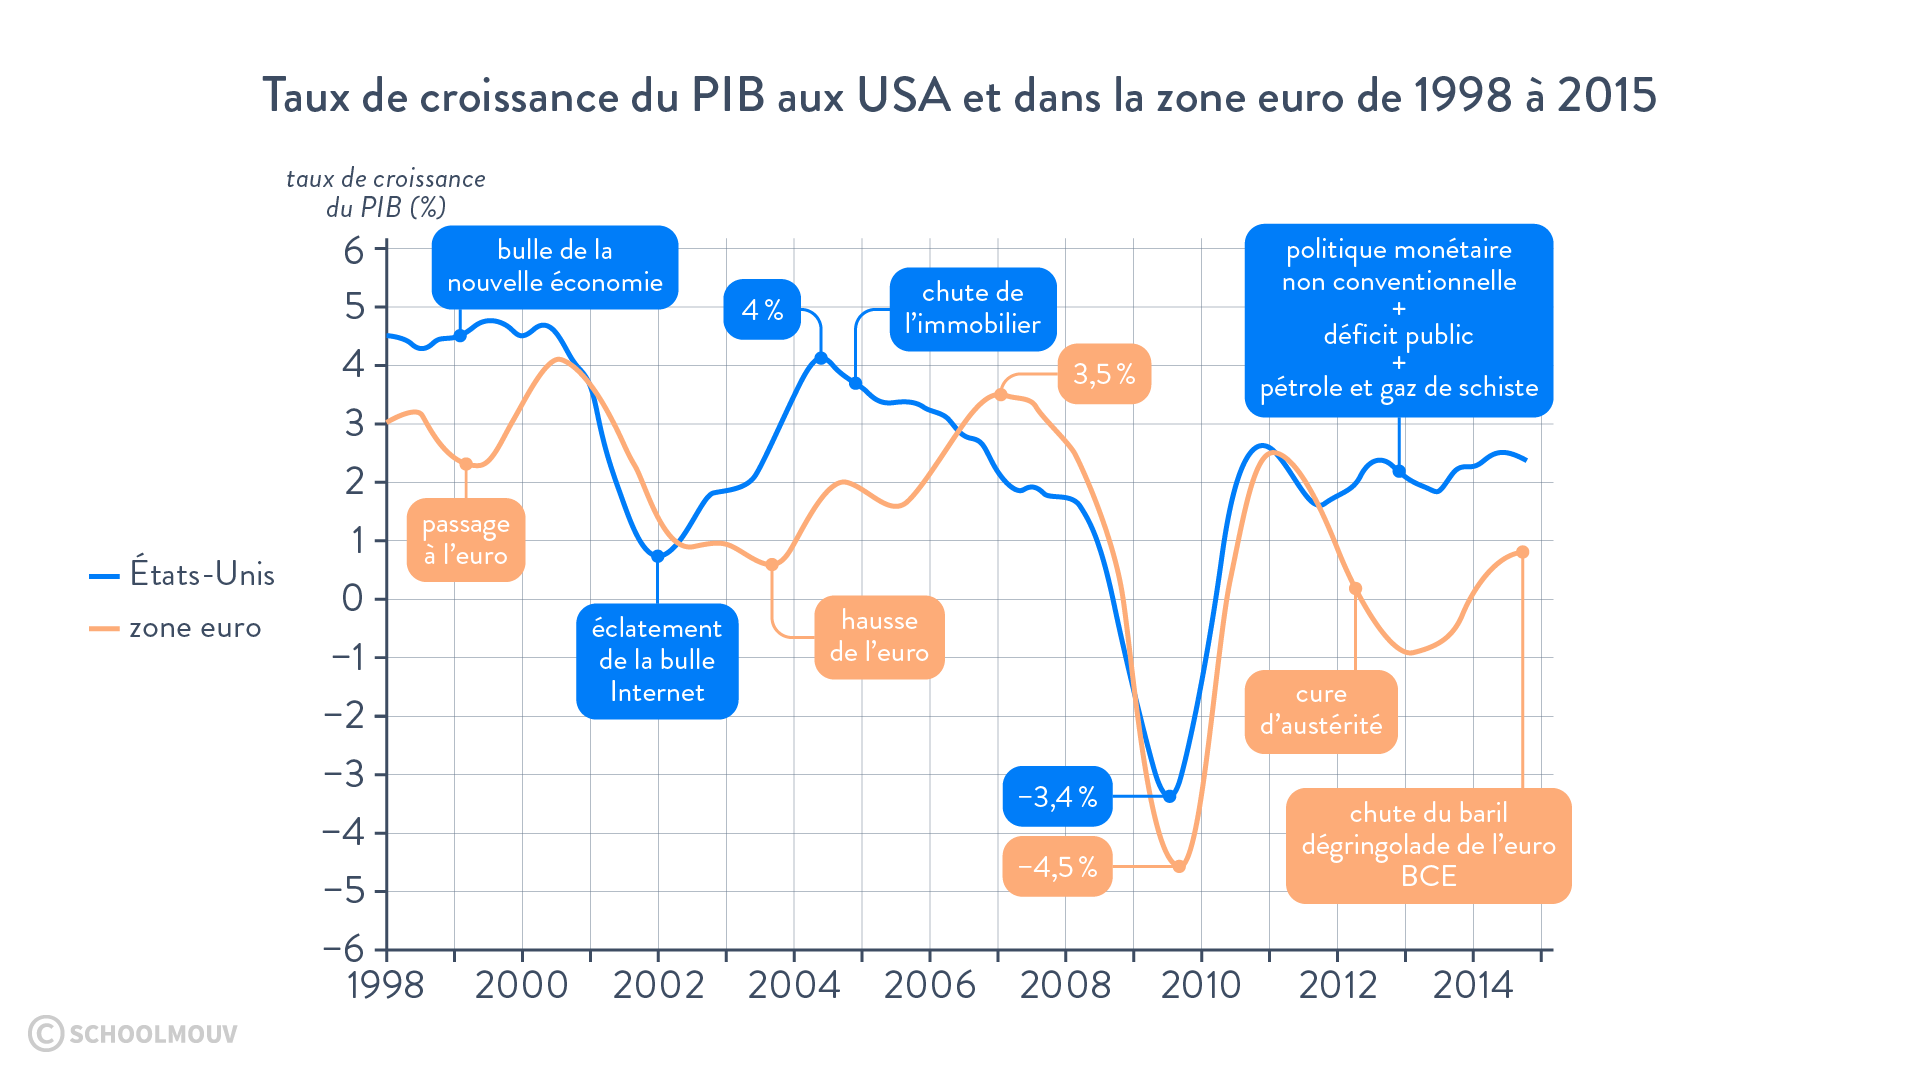 Taux de croissance du PIB aux USA et dans la zone euro de 1998 à 2015